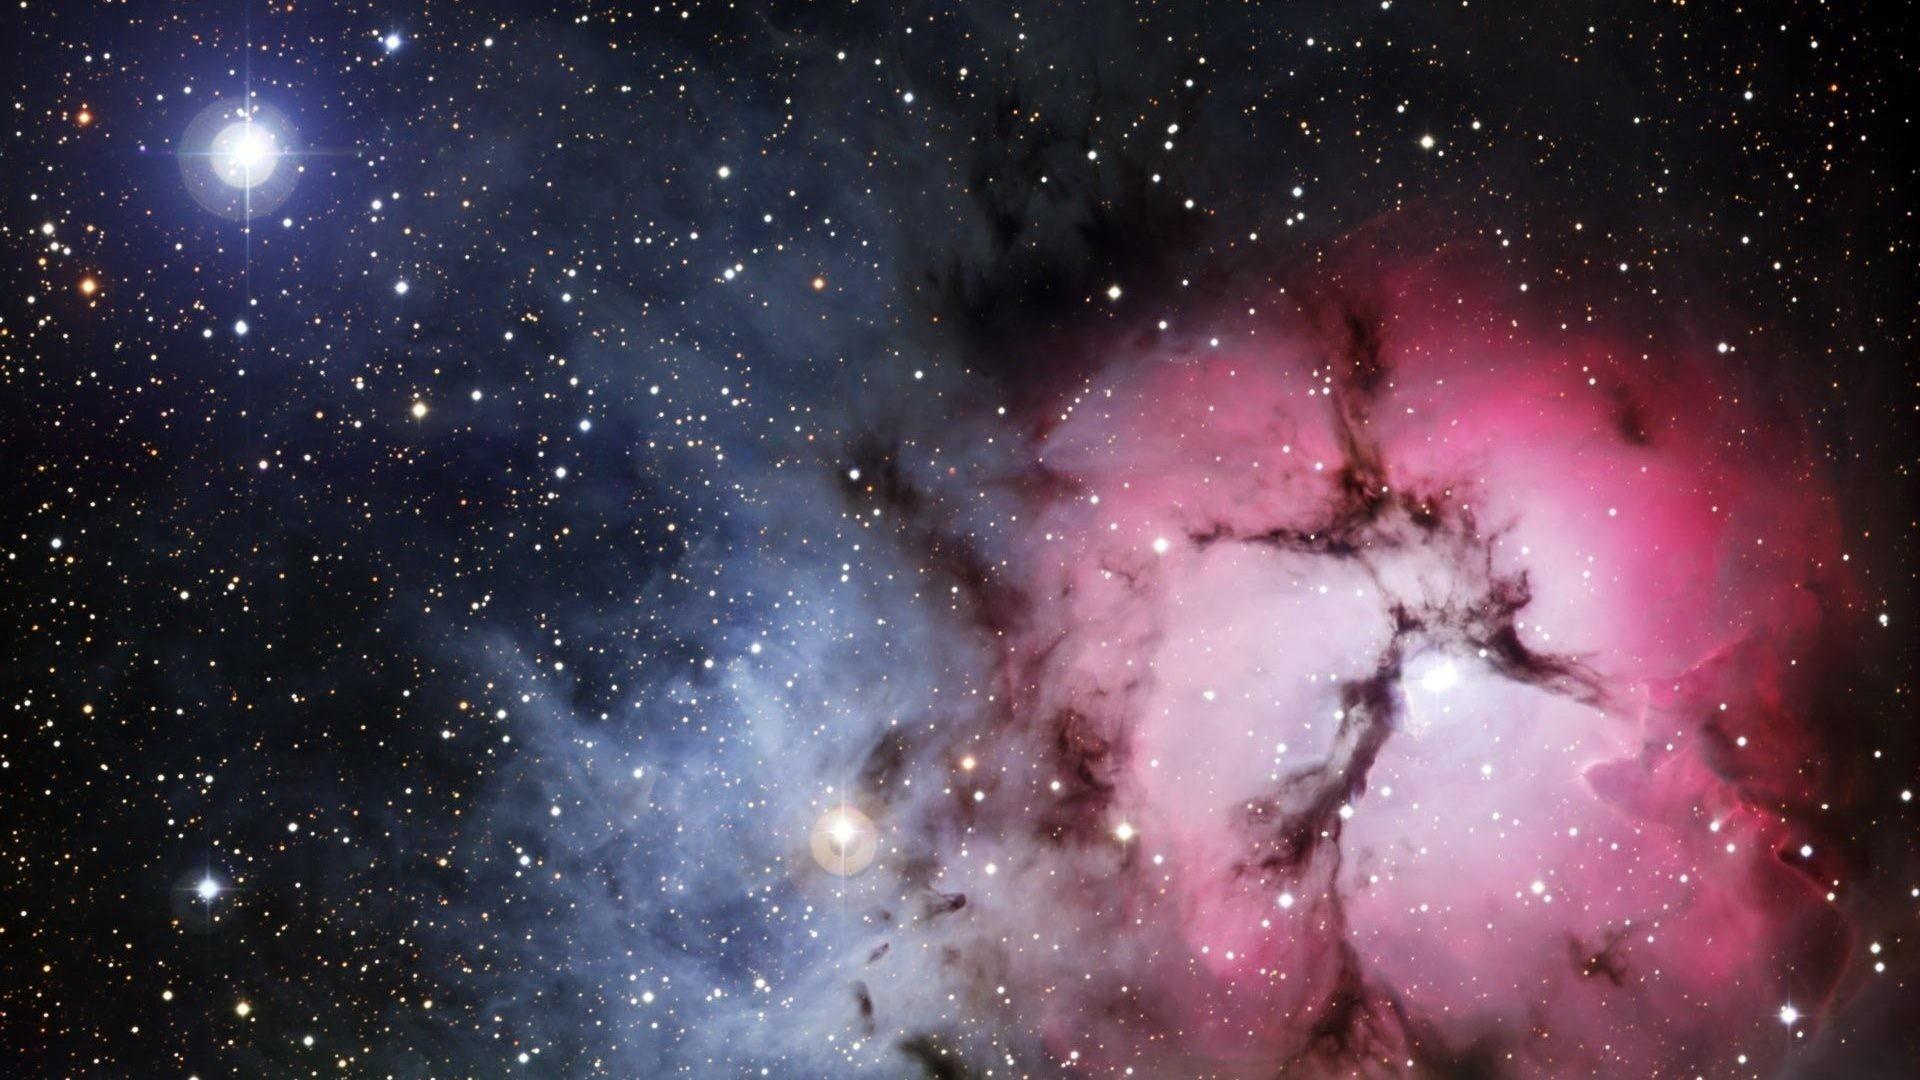 3840x2160 Hubble Space Telescope In Orbit Wallpaper